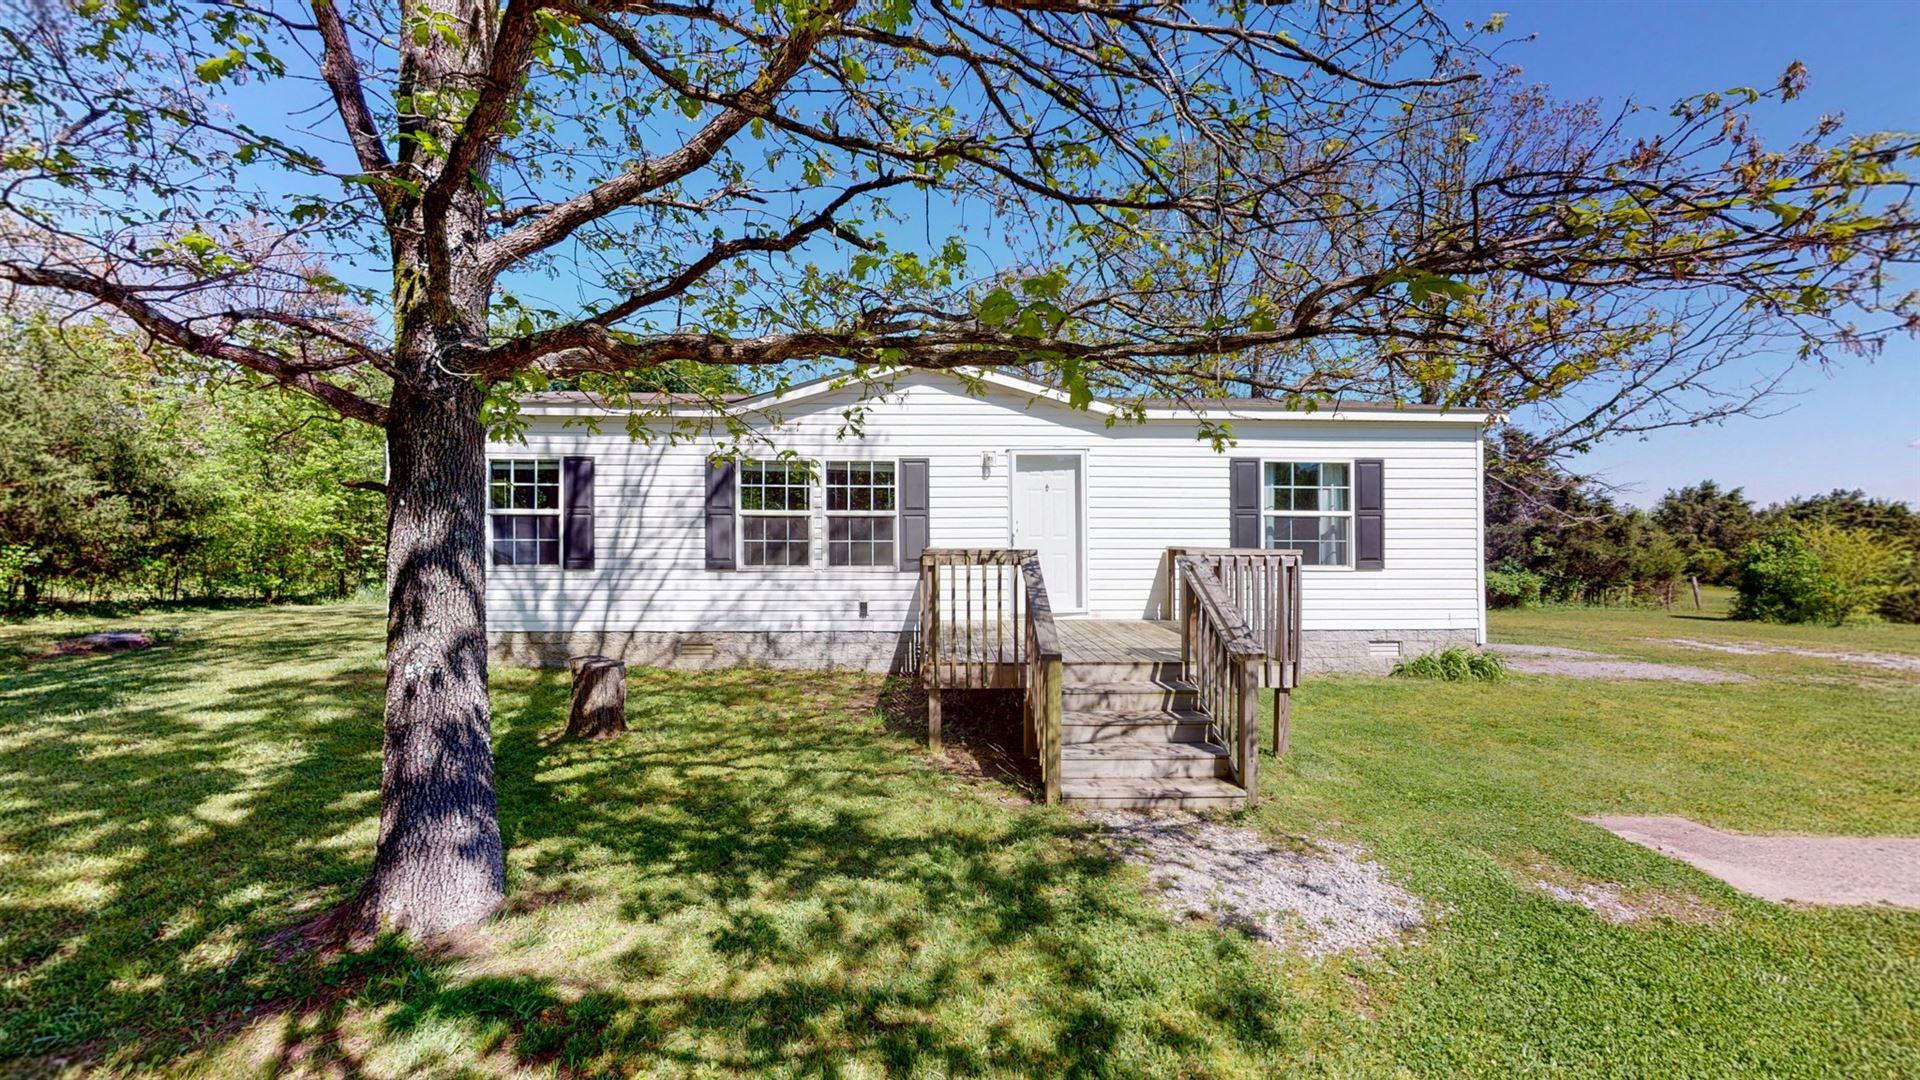 1857 Floraton Rd, Readyville, TN 37149 - MLS#: 2248091